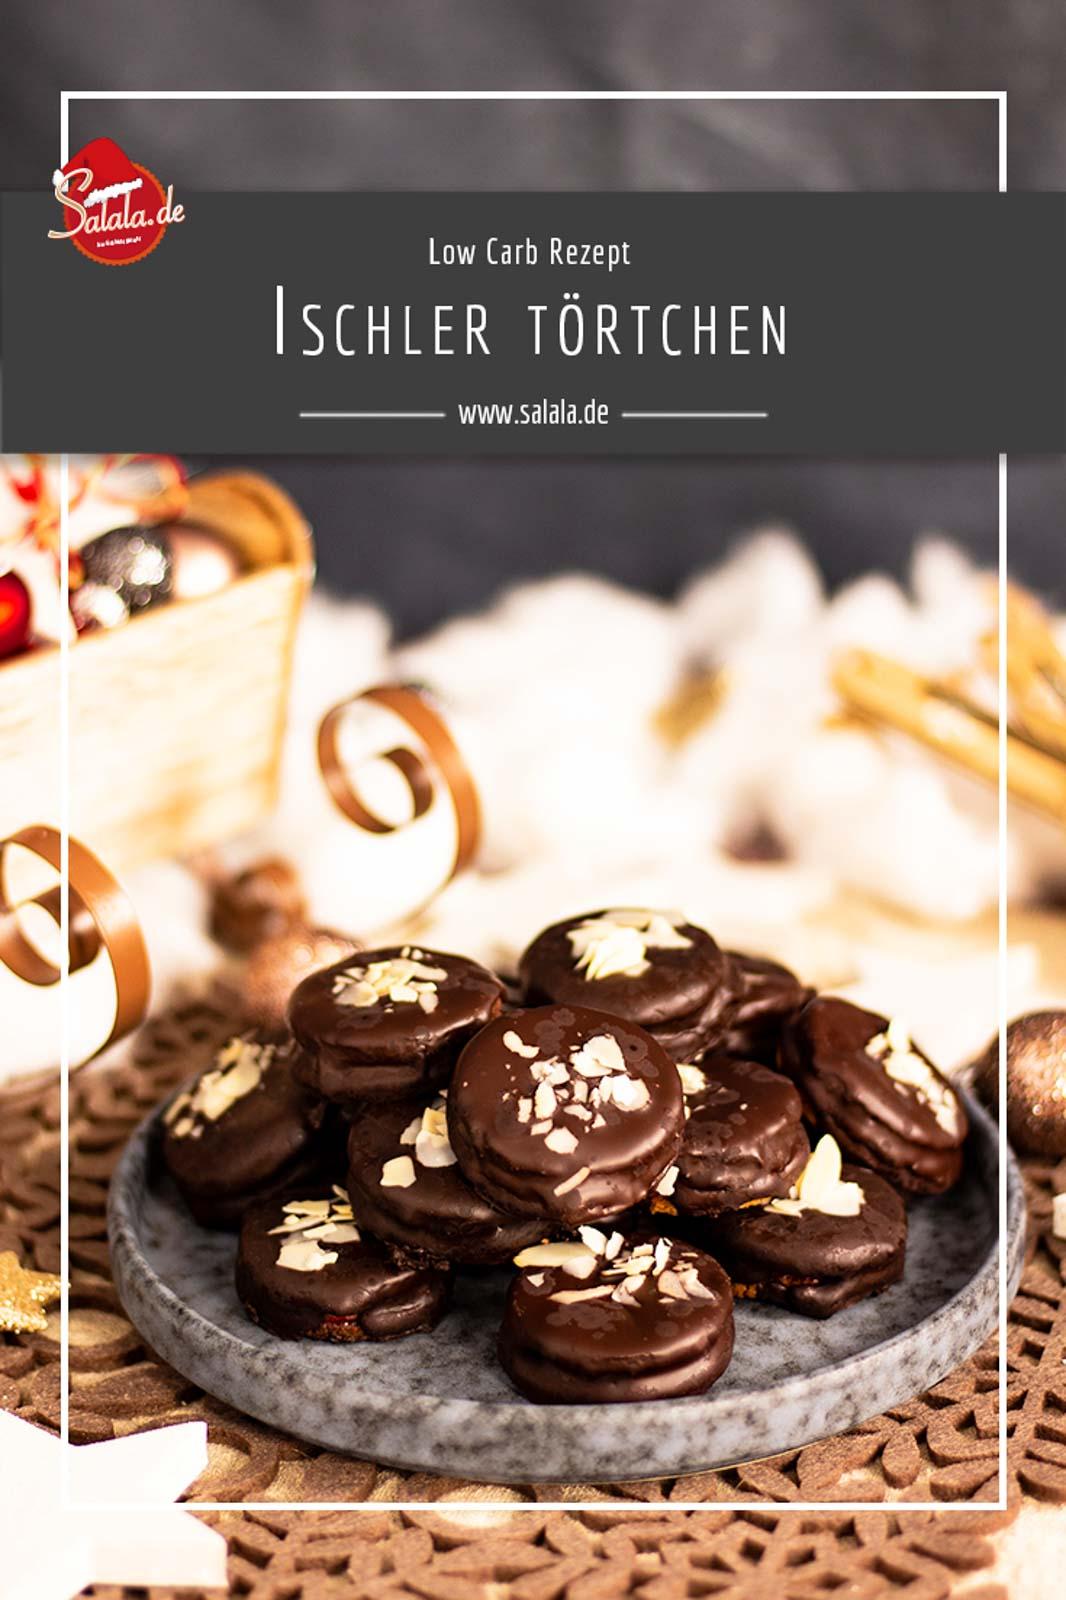 Ischler Törtchen mit Schokoladen-Buttercreme - by salala.de - ohne Zucker und ohne Mehl I Low Carb Plätzchen Rezept zu Weihnachten #ischlertörtchen #lowcarb #lowcarbbacken #lowcarbplätzchen #plätzchen #backen #weihnachten #ischler #ischlerplätzchen #backenohnezucker